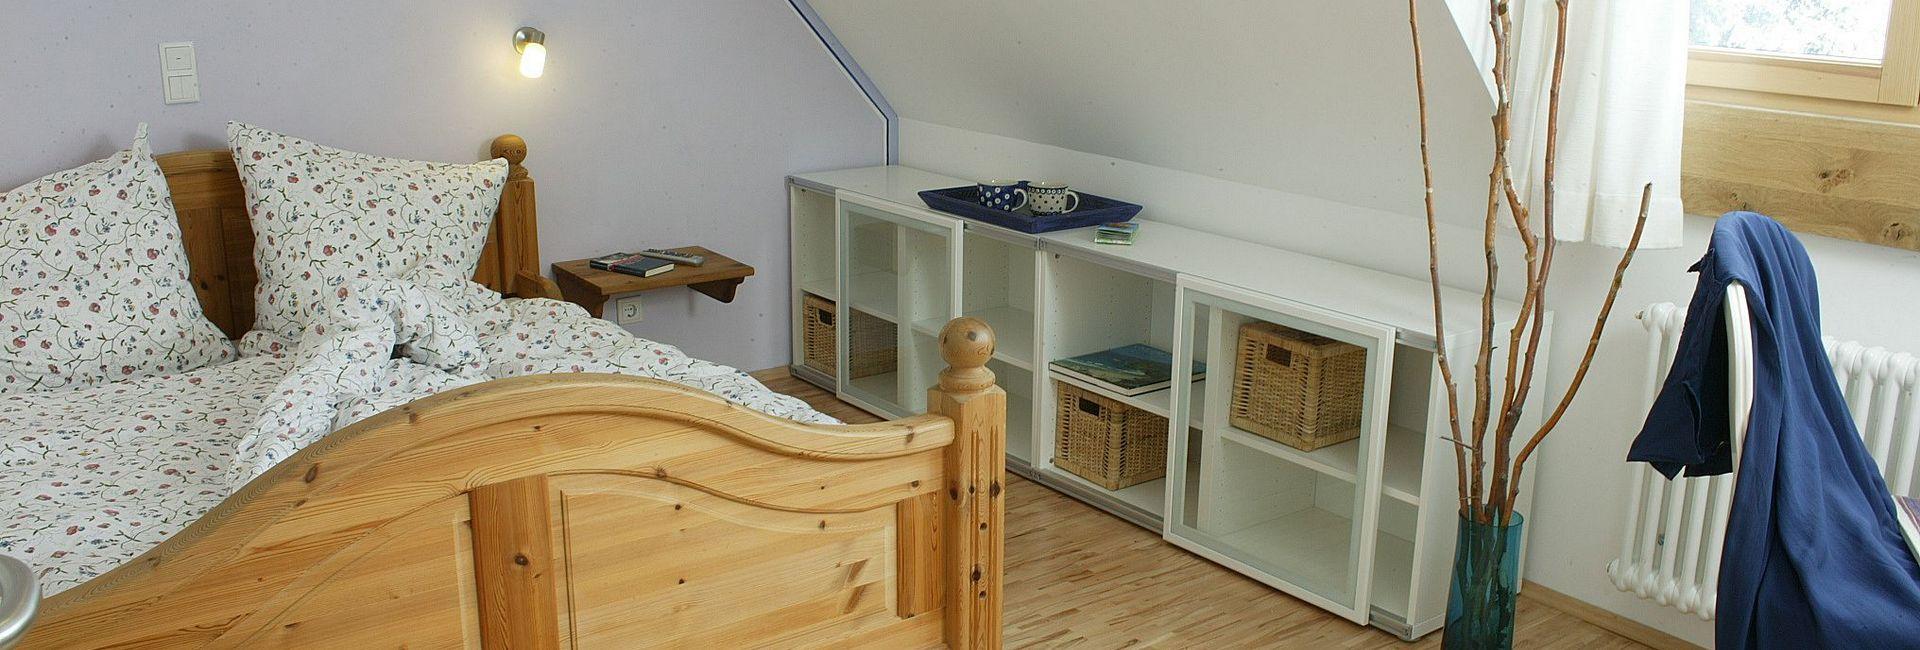 Zimmer 11 – Landhaus Pension Haus Sonneck